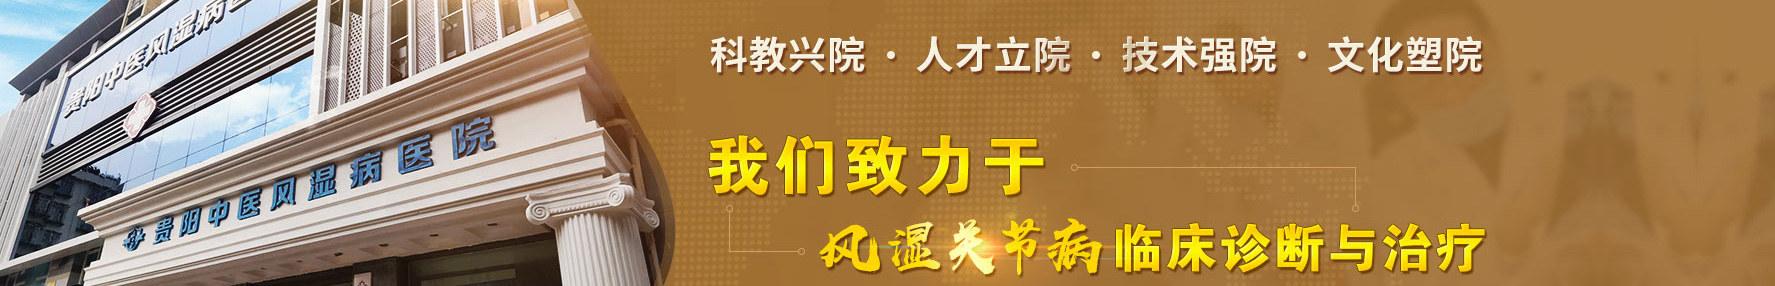 贵阳中医风湿病在线视频偷国产精品